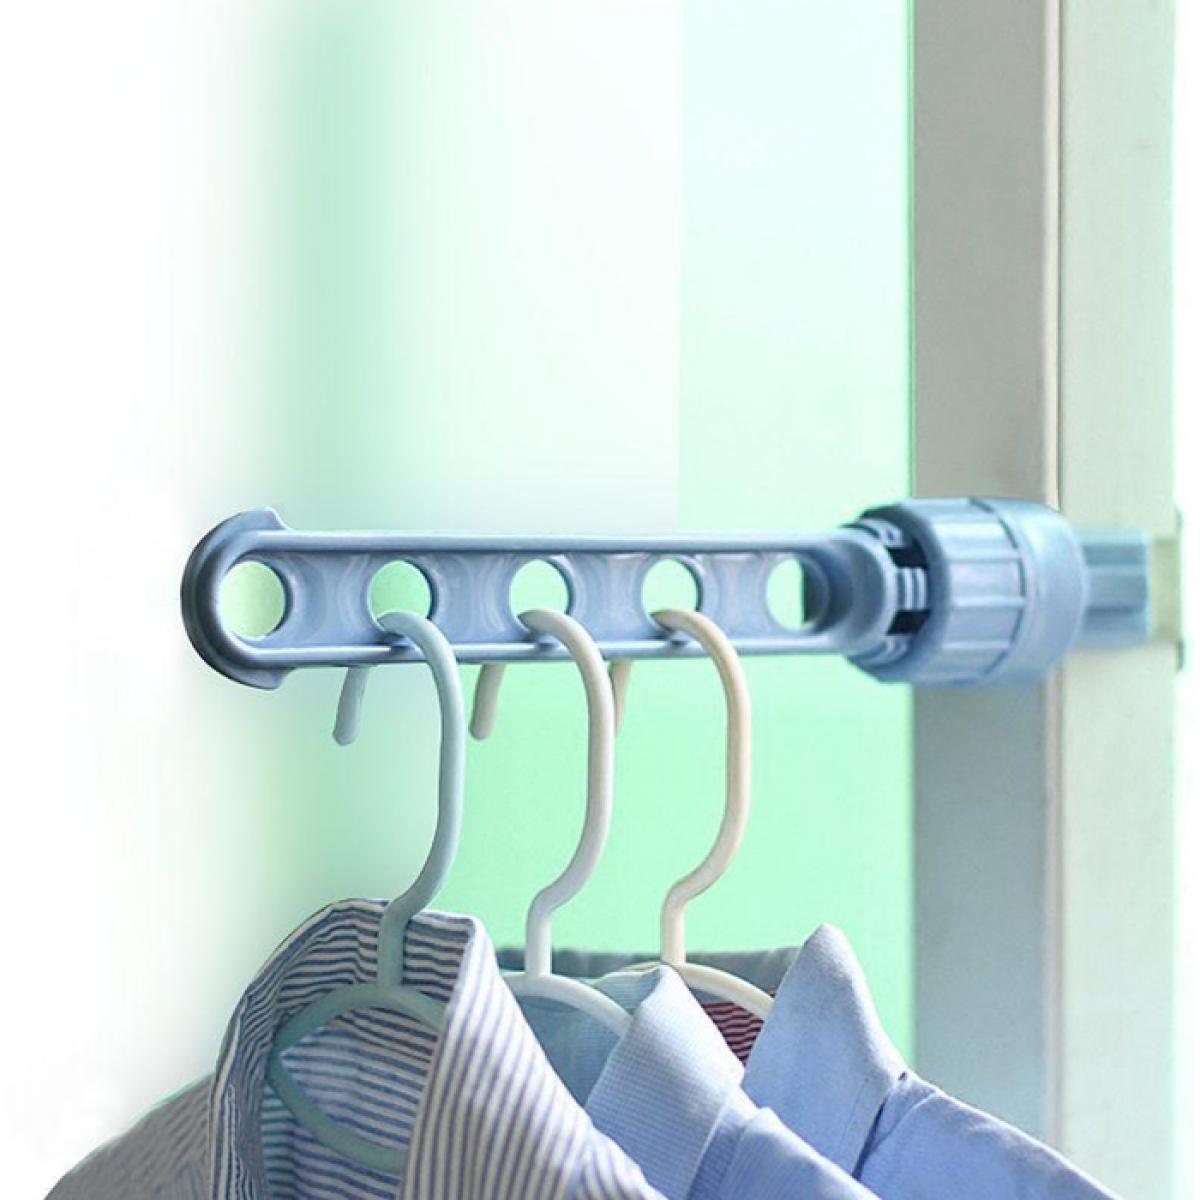 Hanger Pakaian Indoor - Bunda Ina Shop